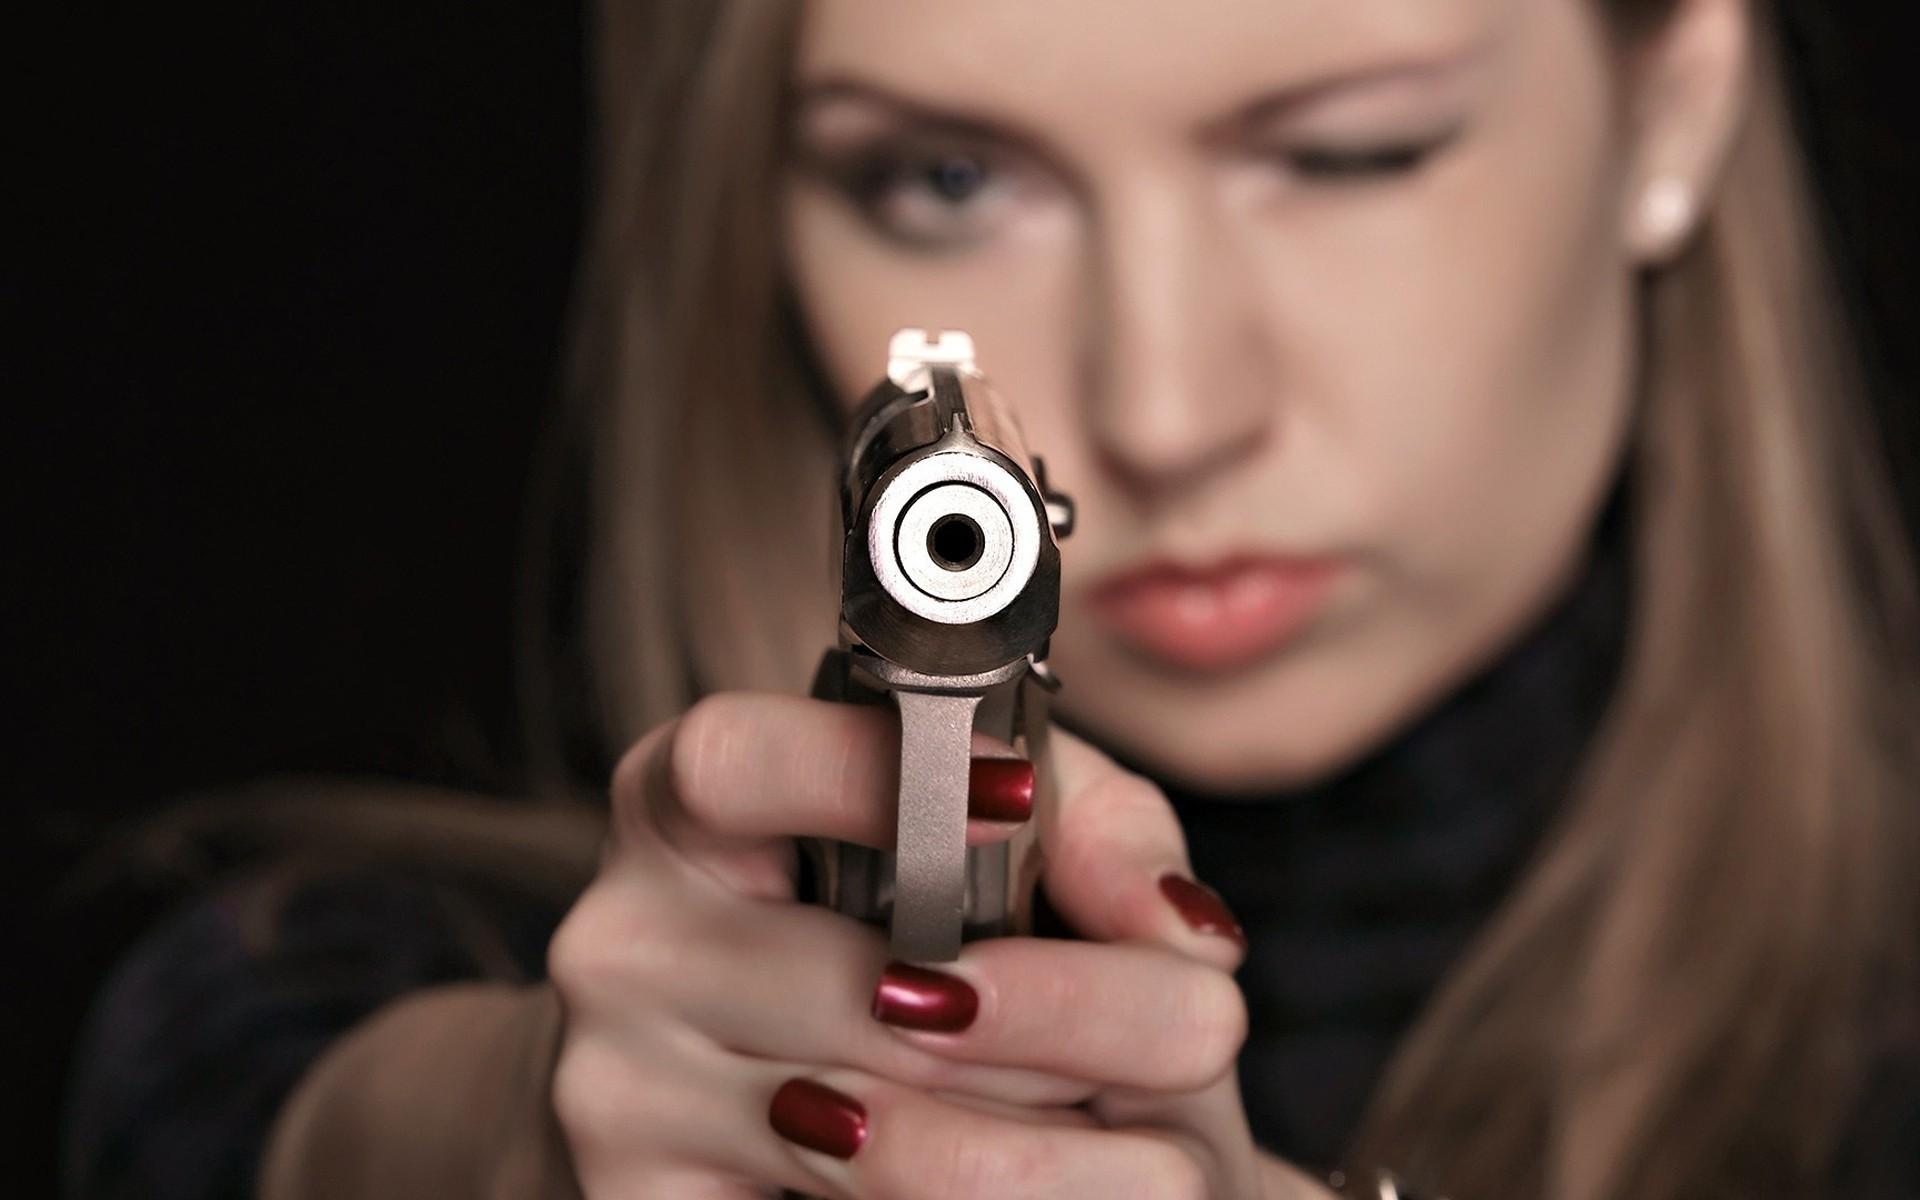 Прикольные картинки пистолет